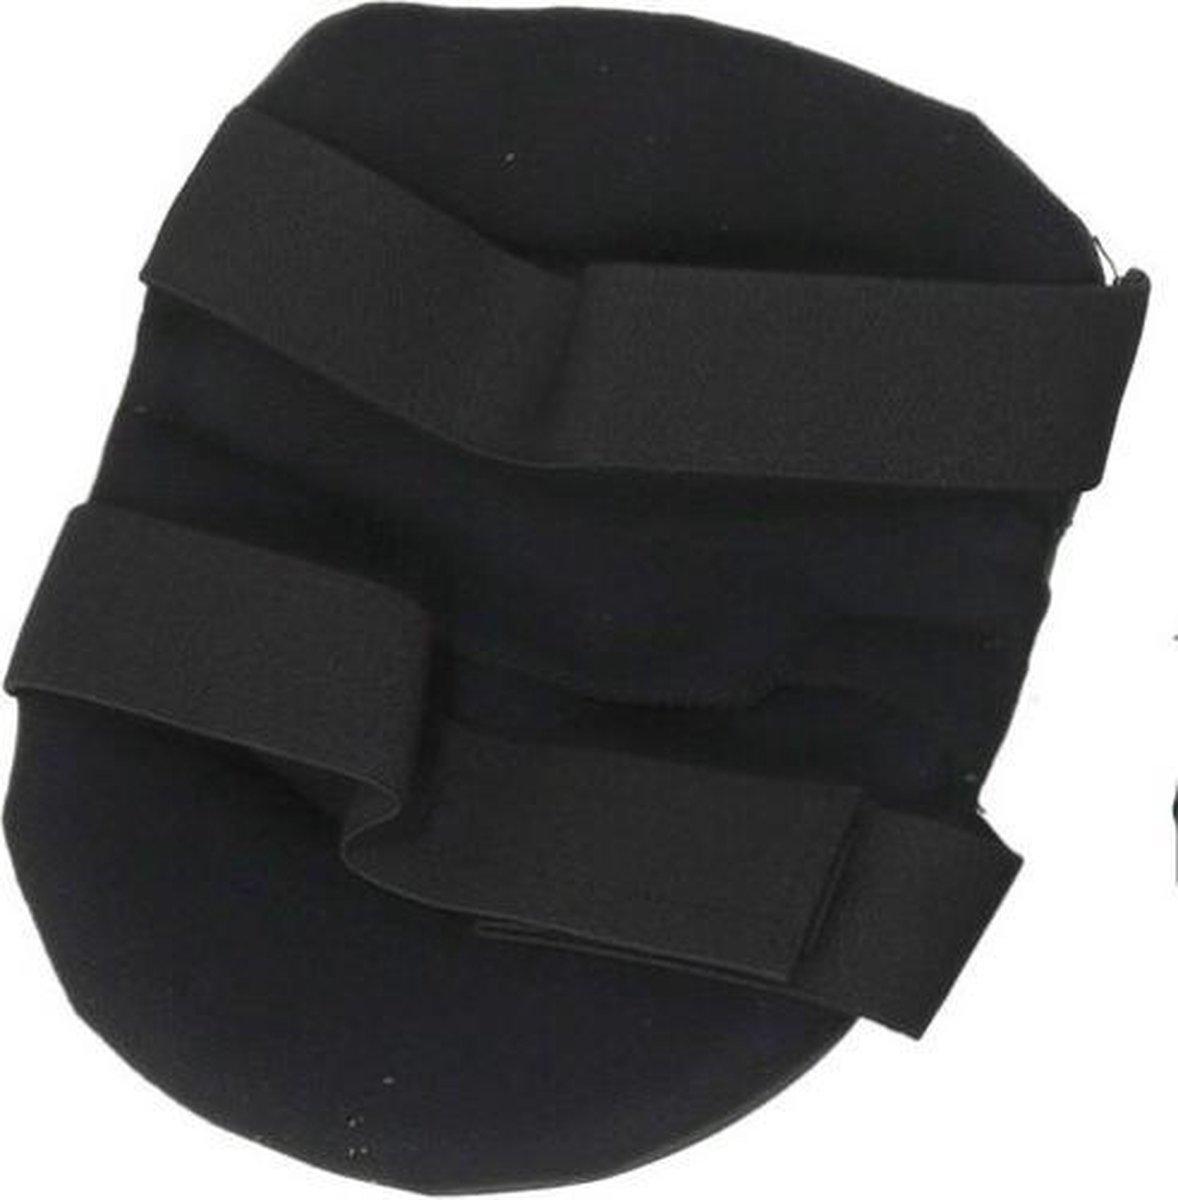 Gerimport Kniebeschermers 23 X 19 Cm Eva Zwart One-size 2-delig